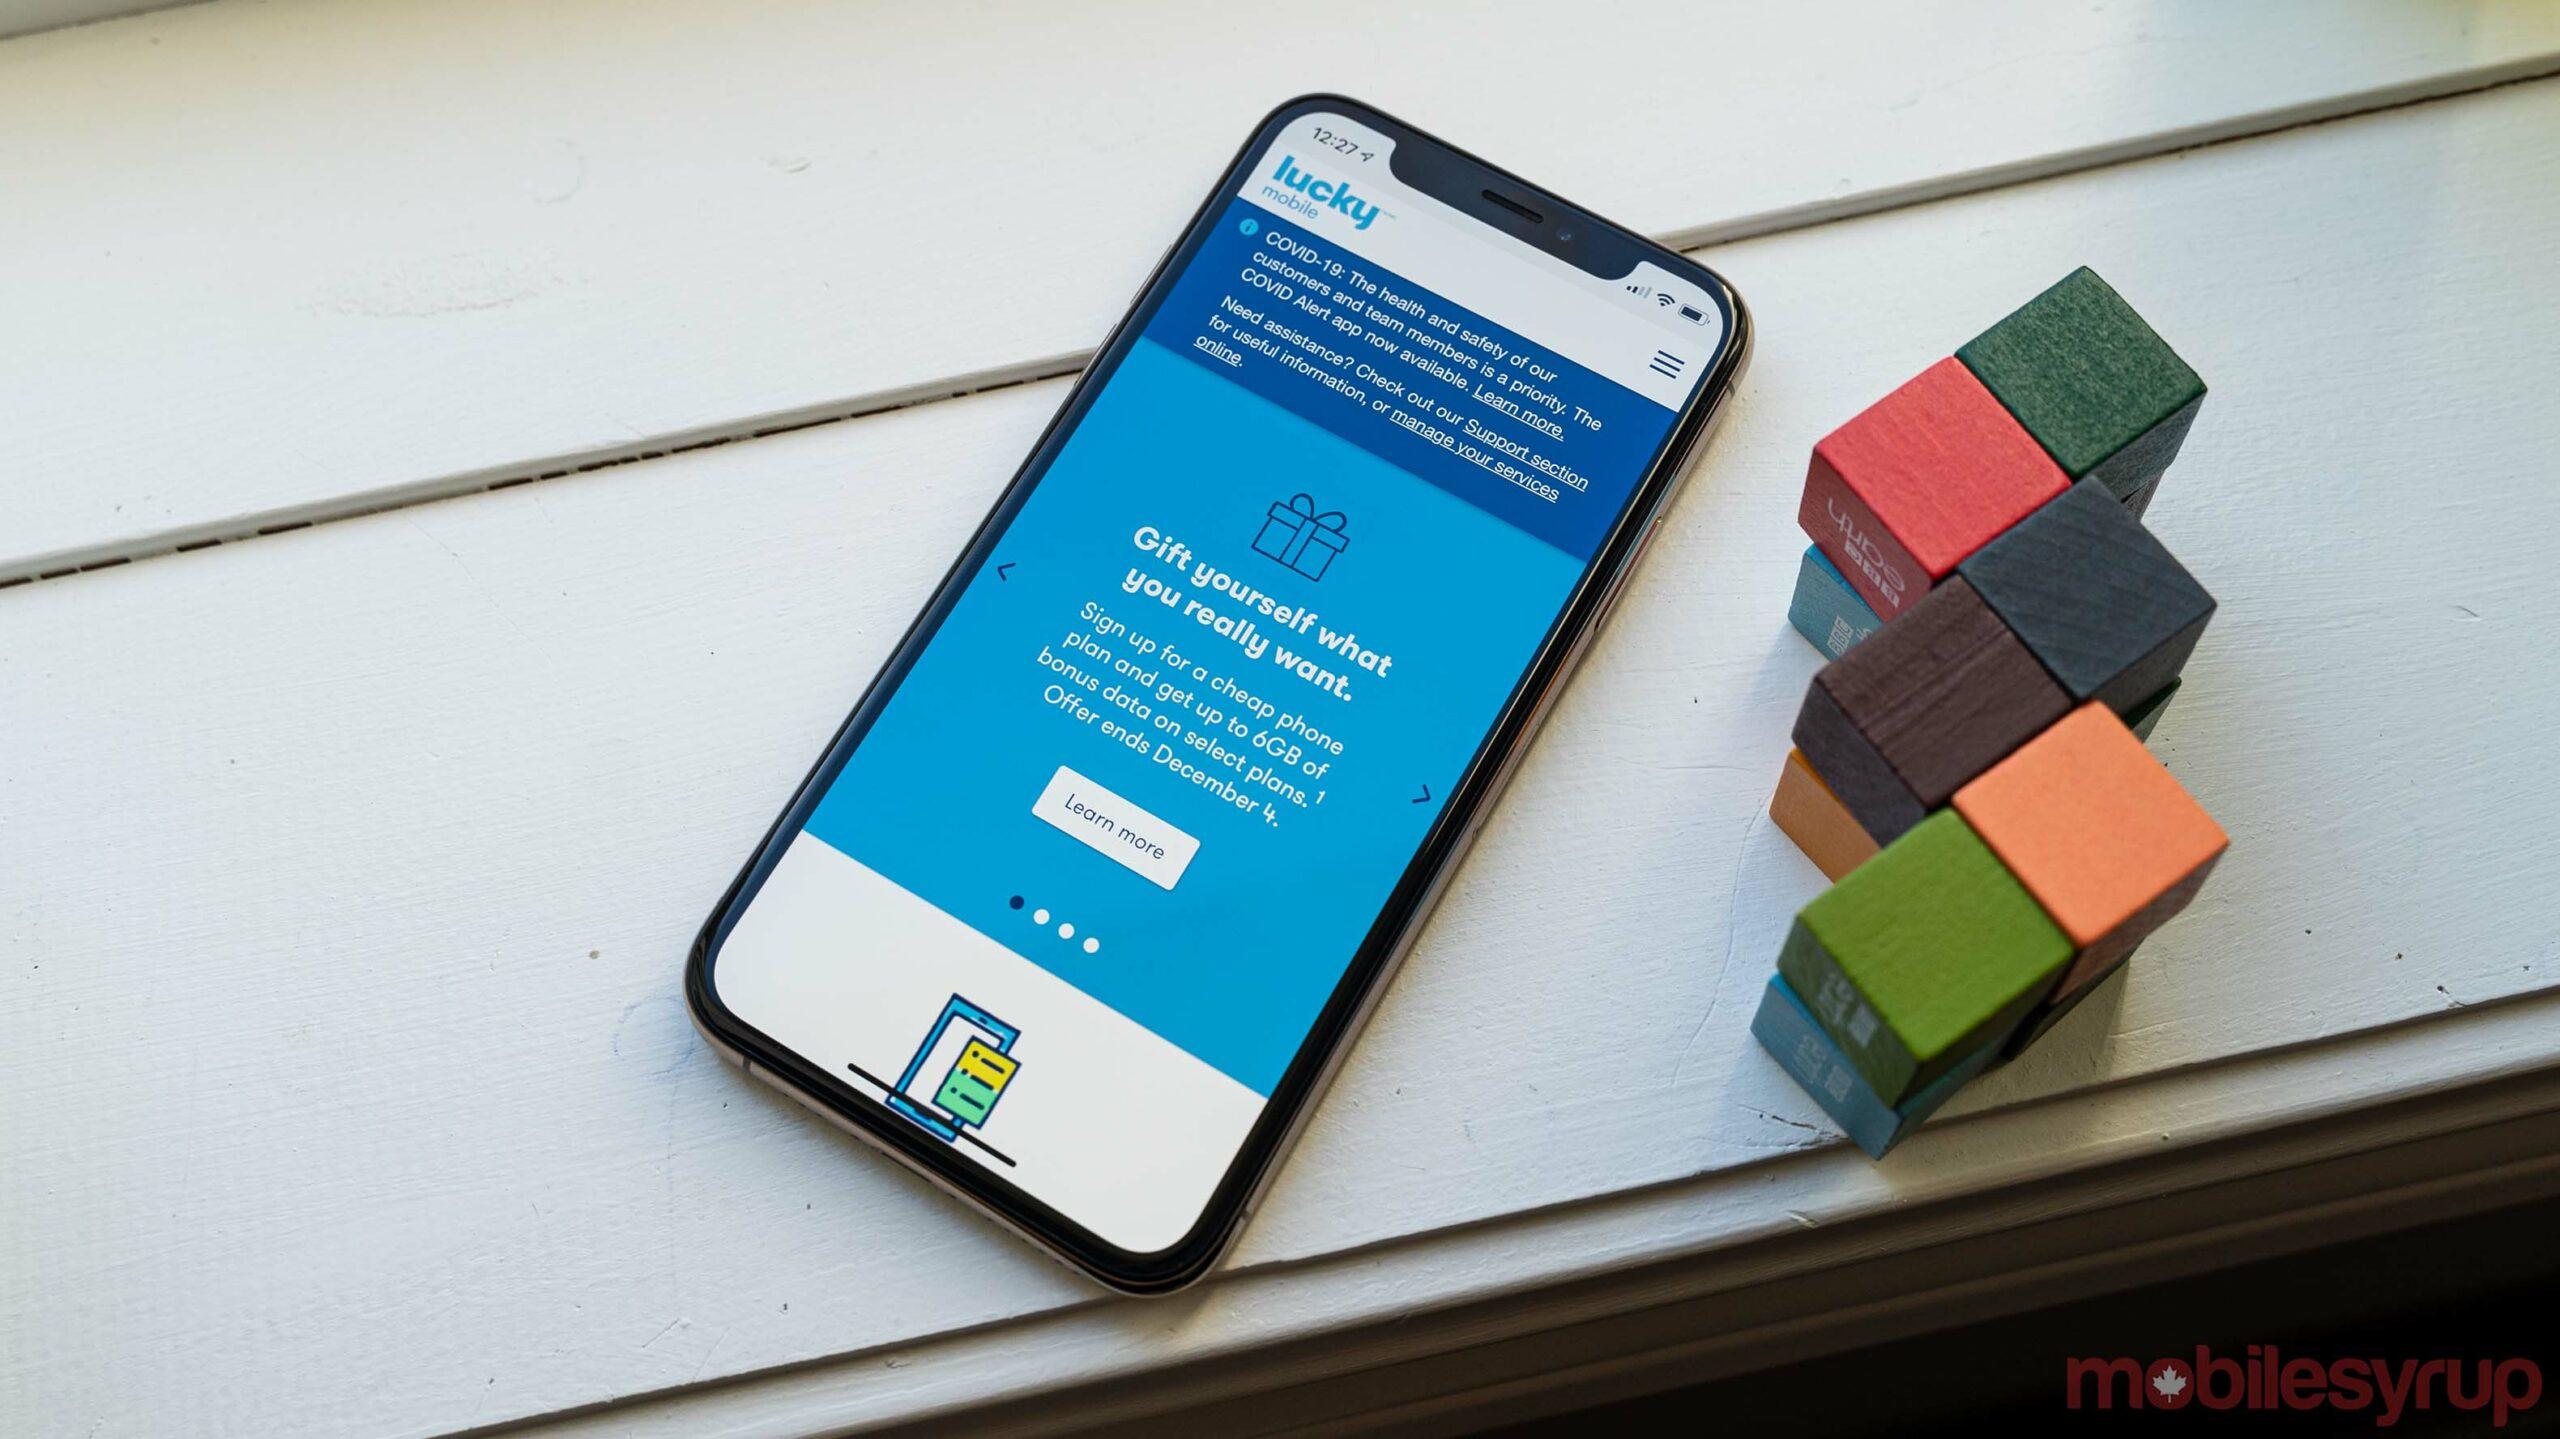 Lucky Mobile 6GB bonus data deal